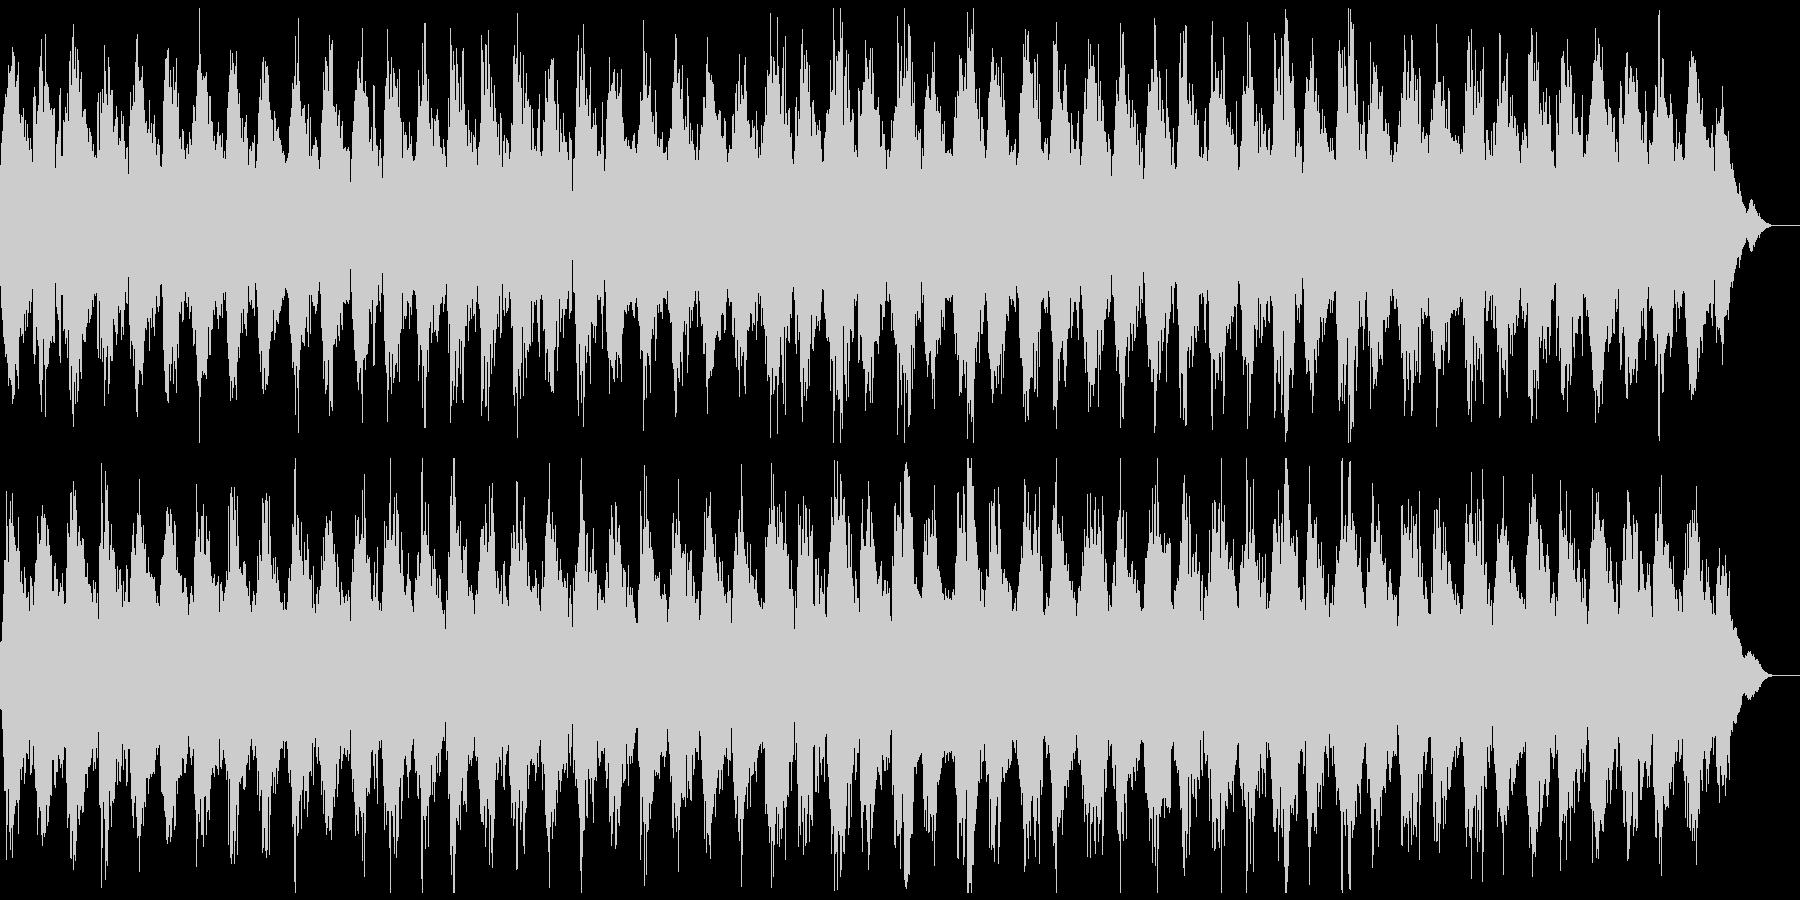 瞑想やヨガ、睡眠誘導のための音楽 04の未再生の波形